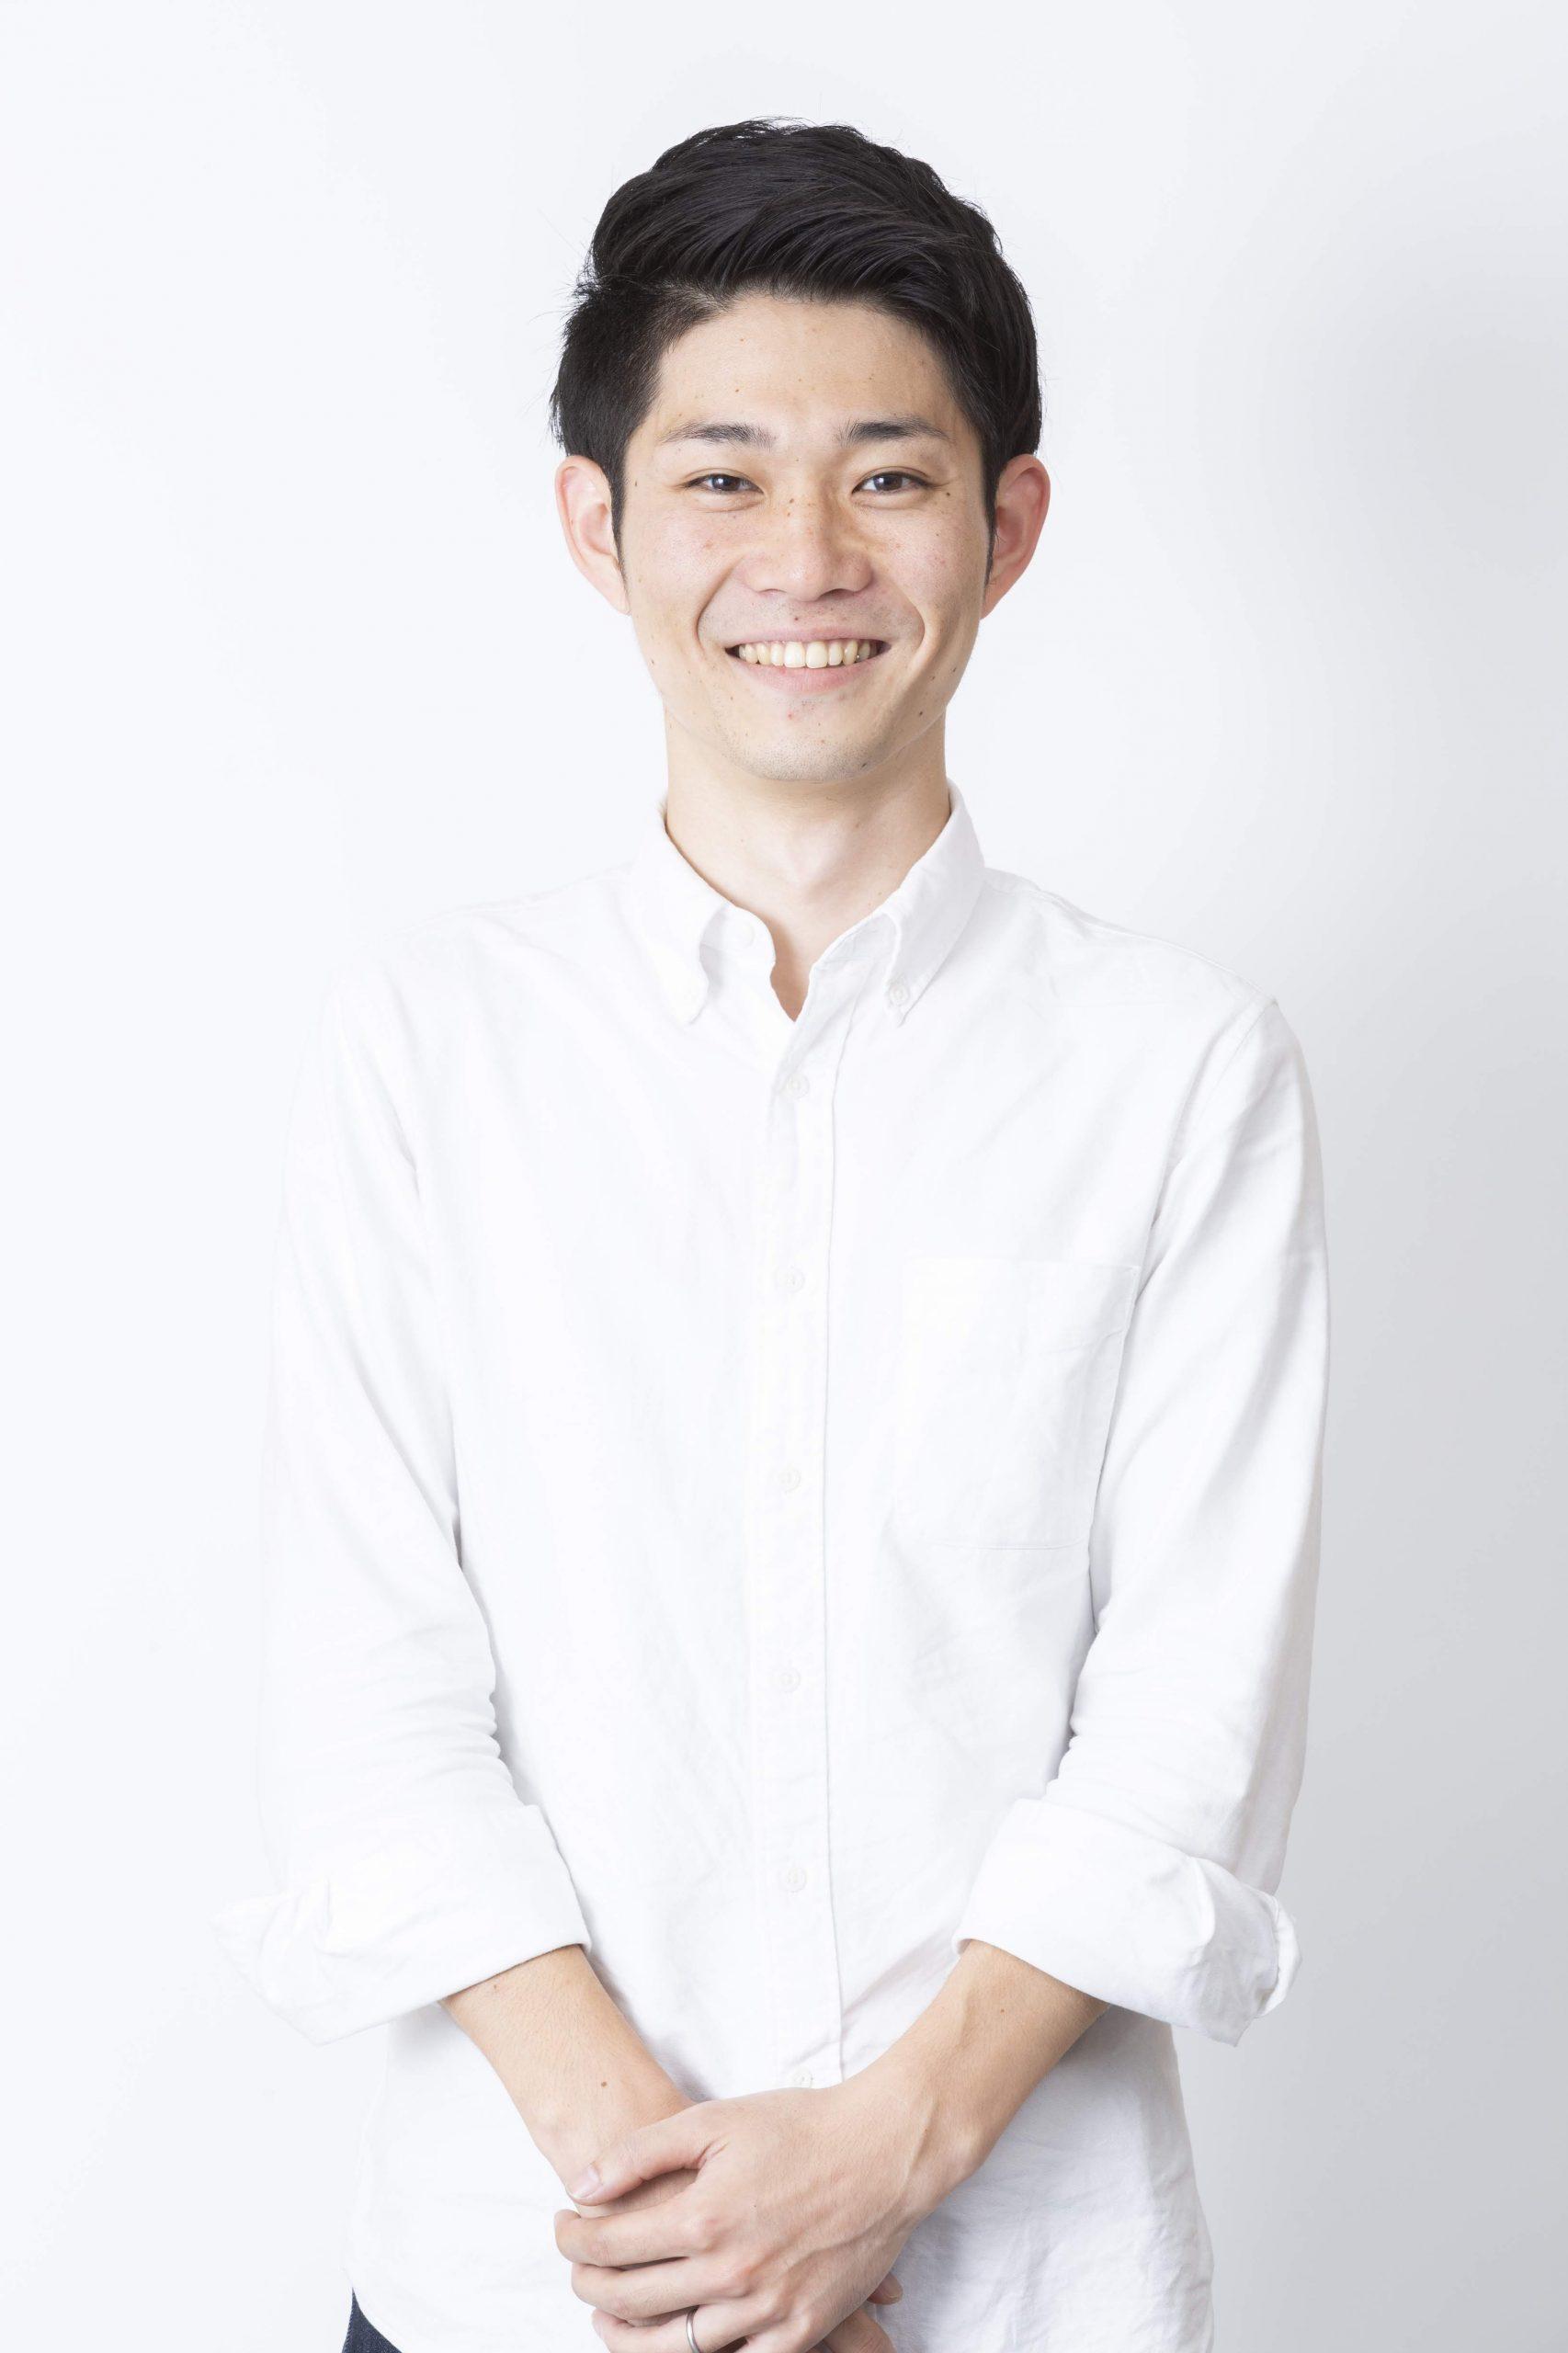 青山明弘さん